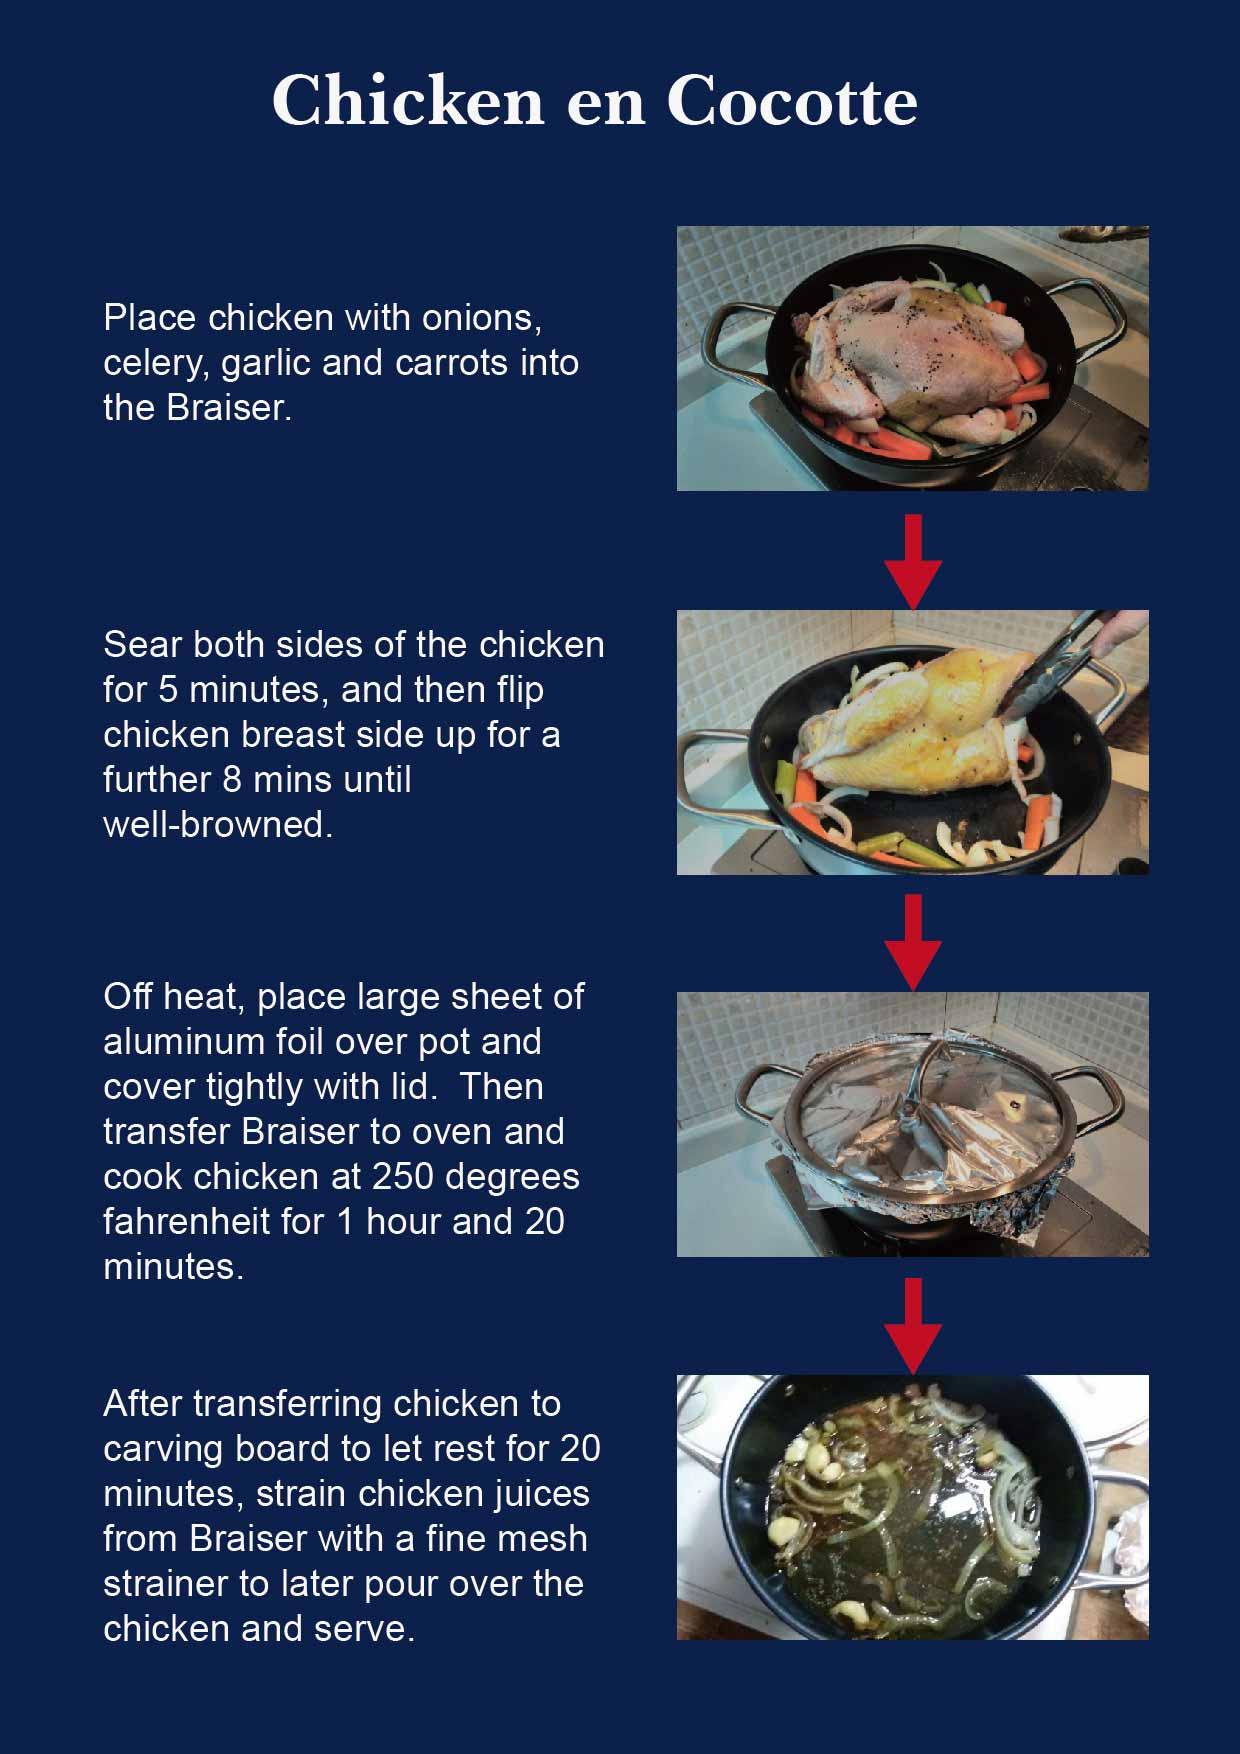 Chicken en Cocotte